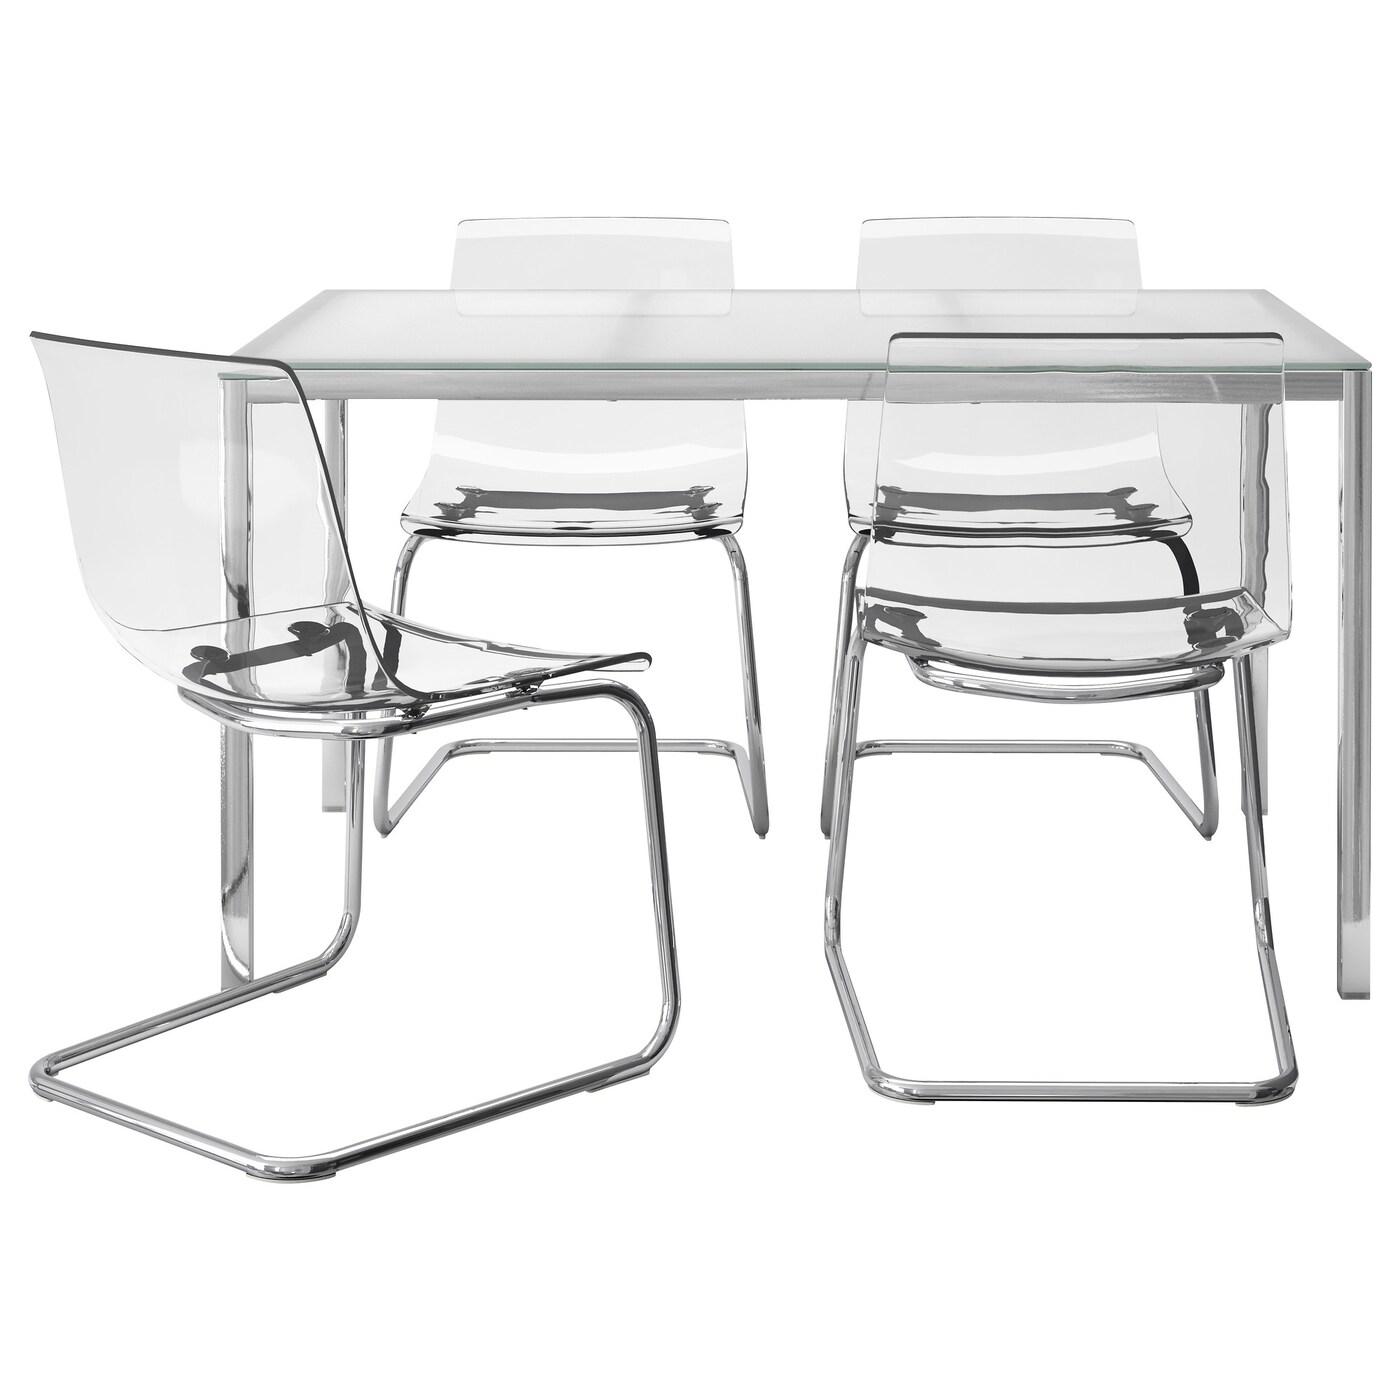 TORSBY / TOBIAS, Tisch und 4 Stühle, Glas weiß, weiß 291.974.16